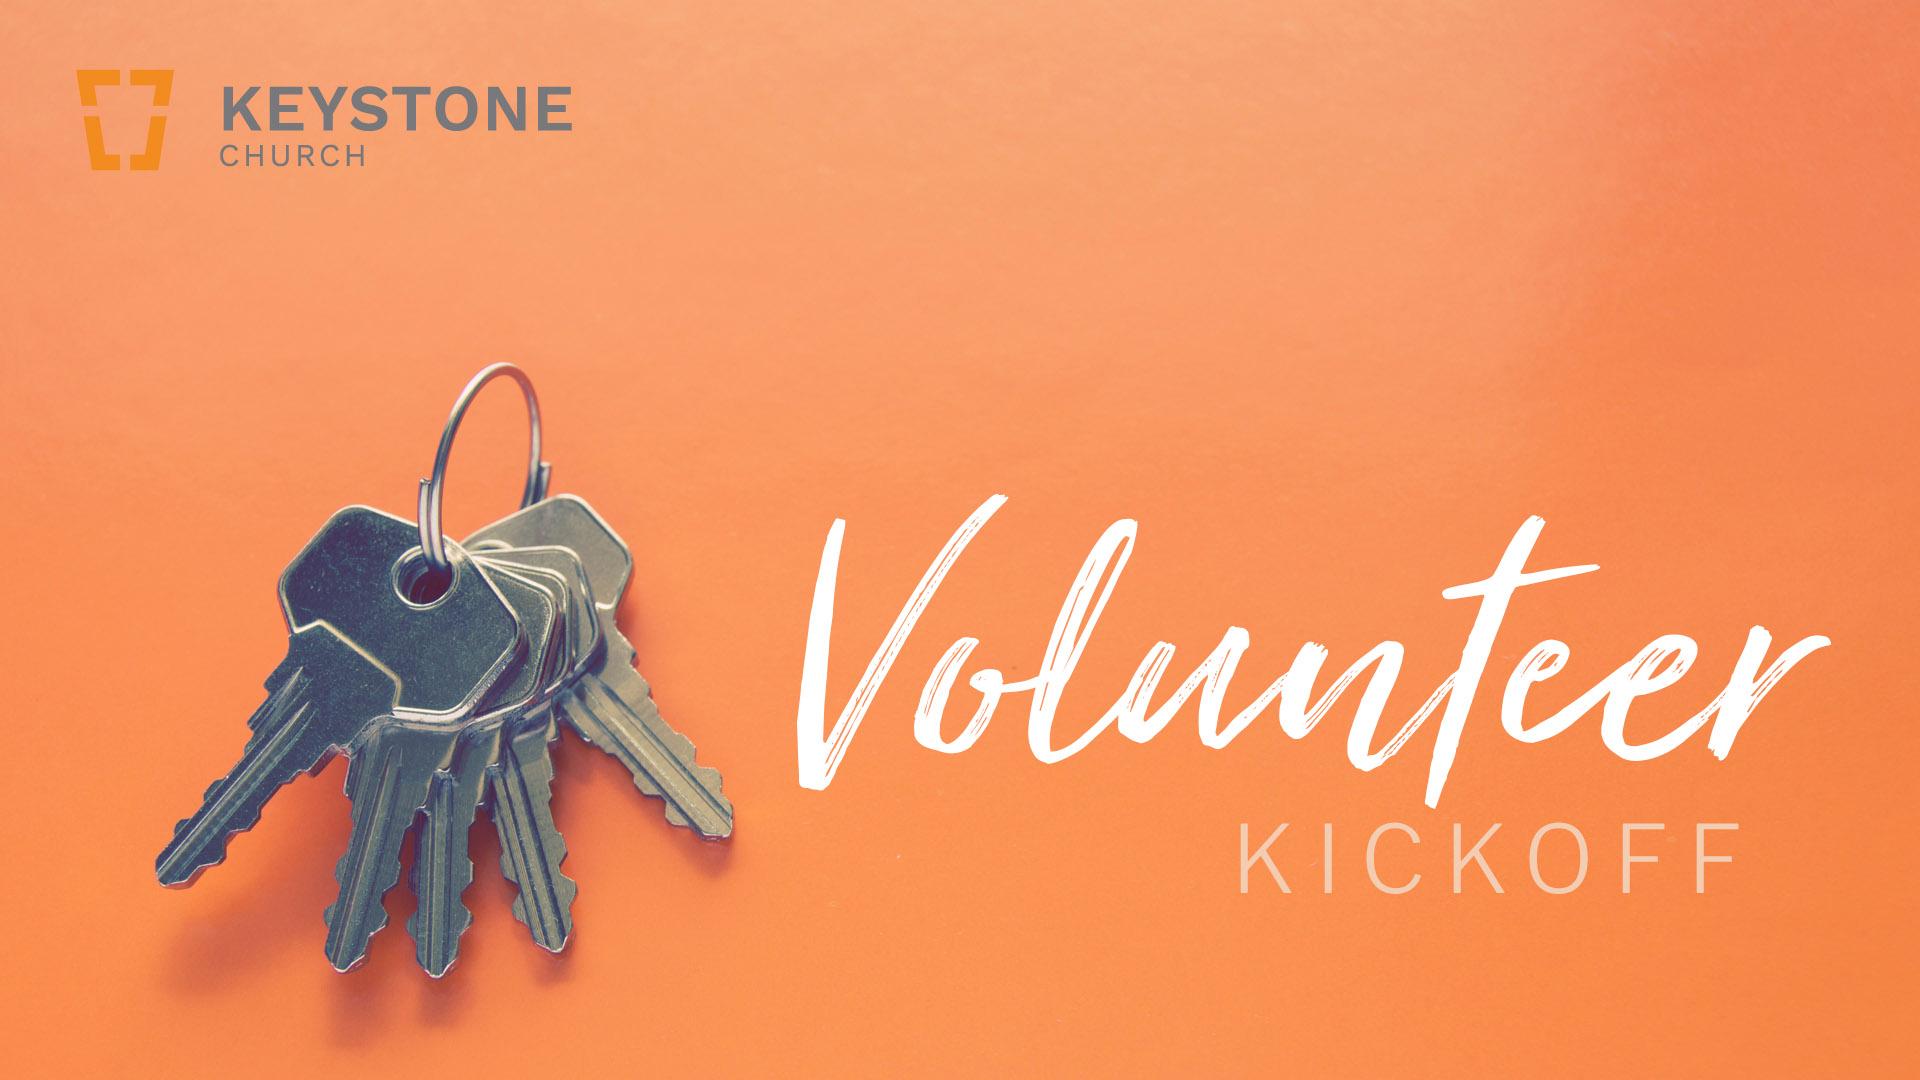 Volunteer kickoff identity